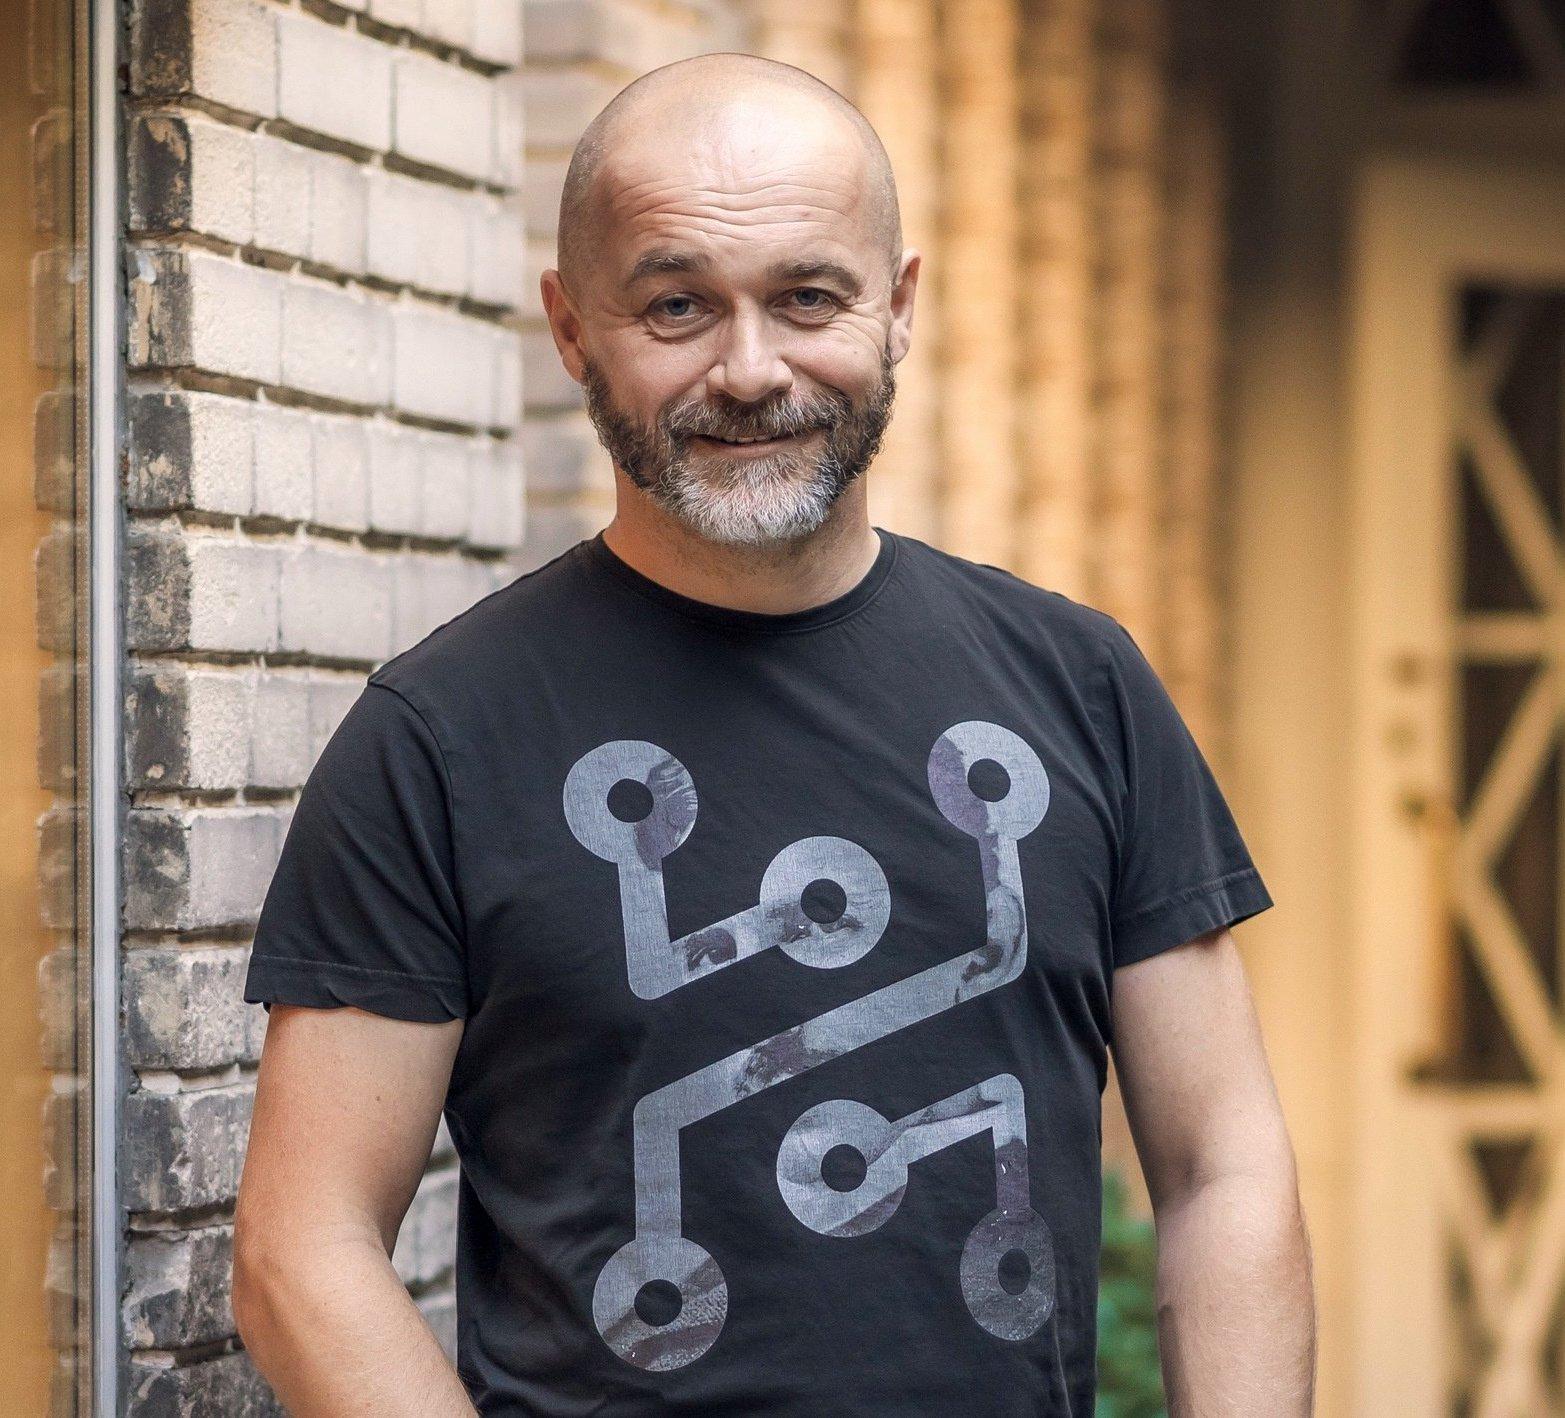 Rozhovor ve Forbes.cz s našim CEO Alanem Fabikem